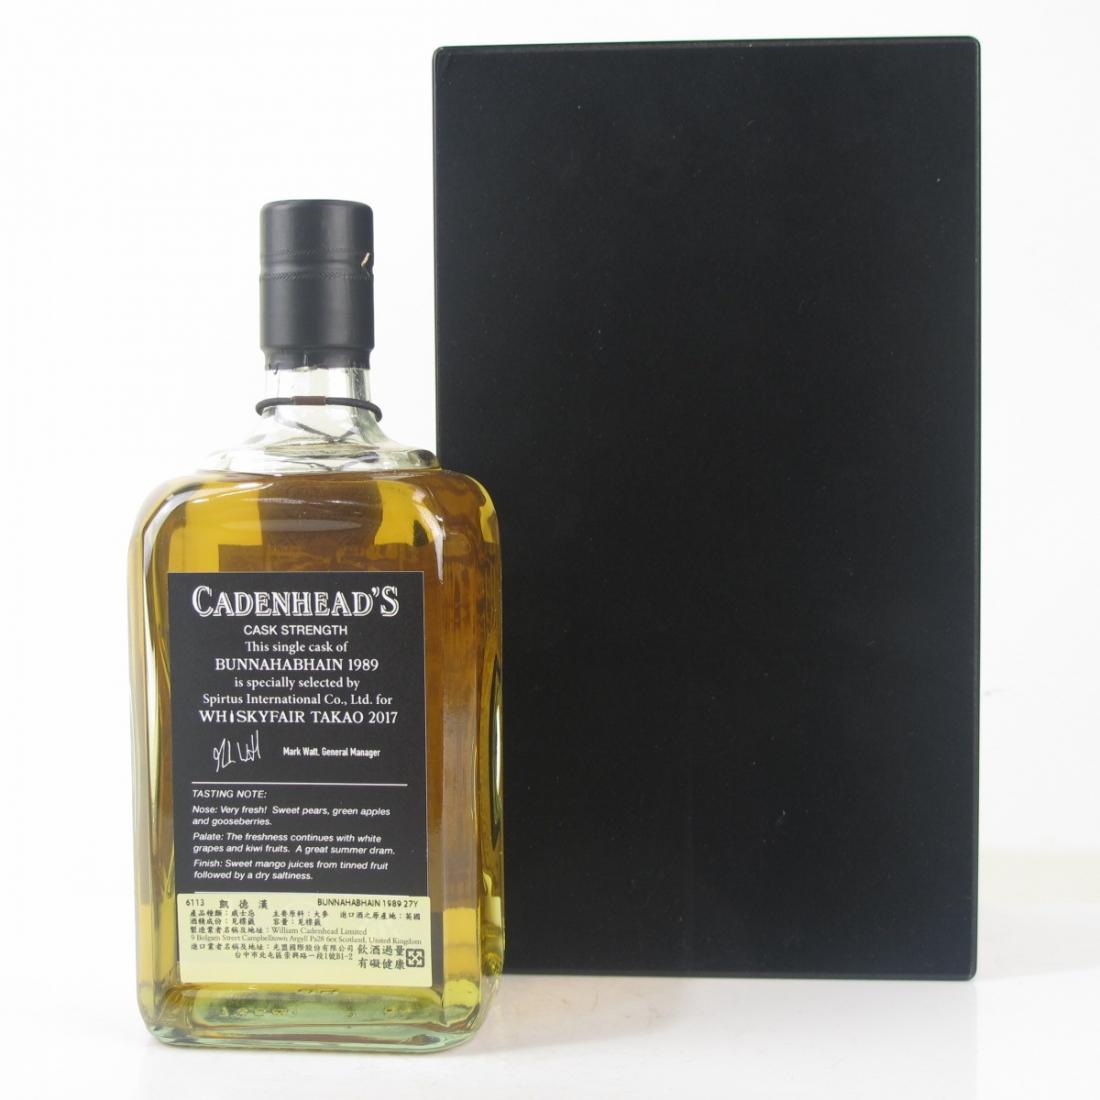 Bunnahabhain 1989 Cadenhead's 27 Year Old / Whiskyfair Takao 2017